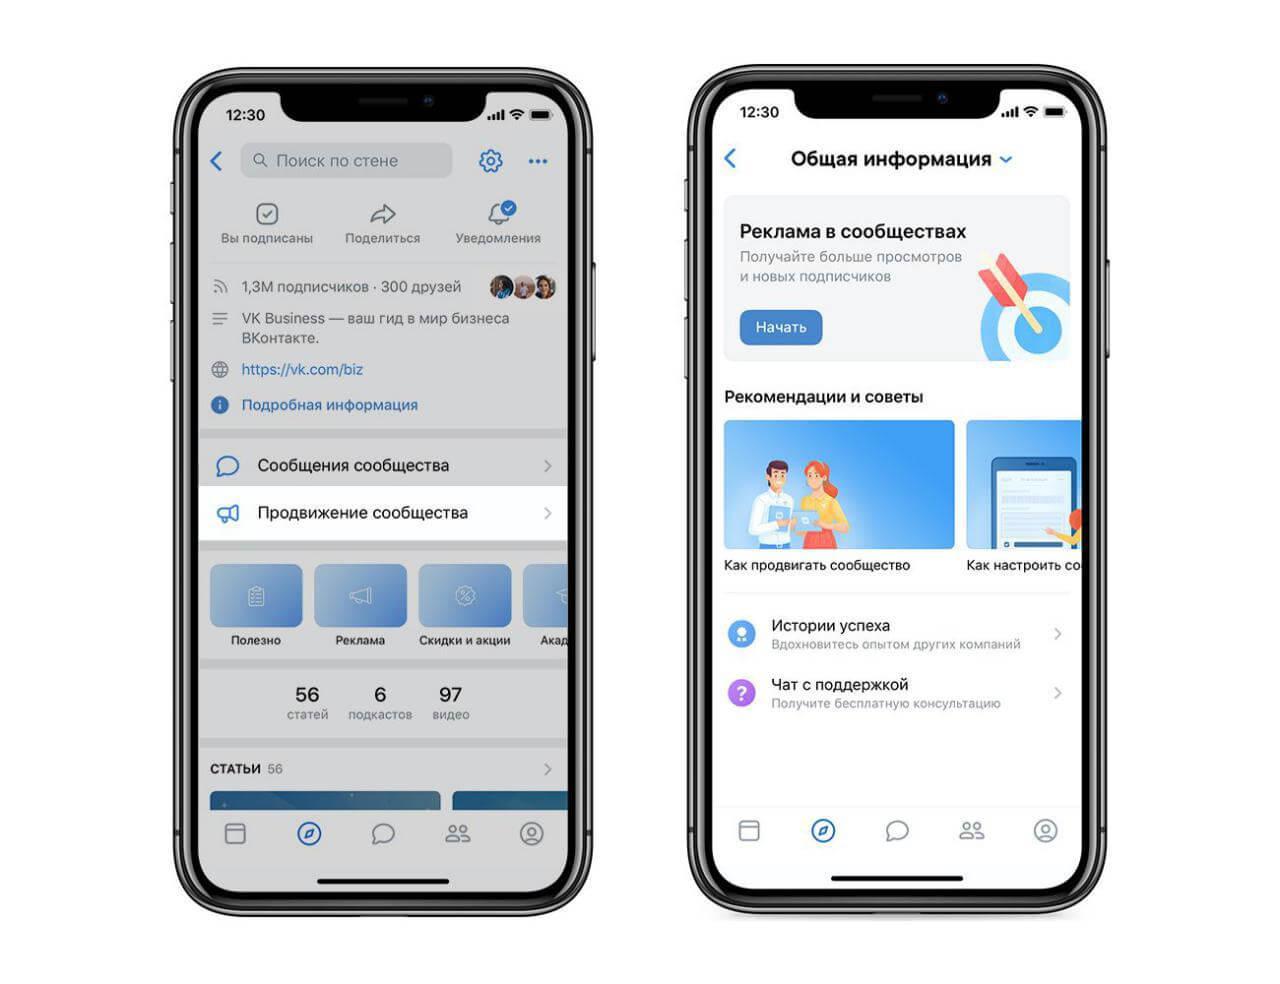 ВКонтакте поможет мгновенно запускать рекламу со смартфона | IM